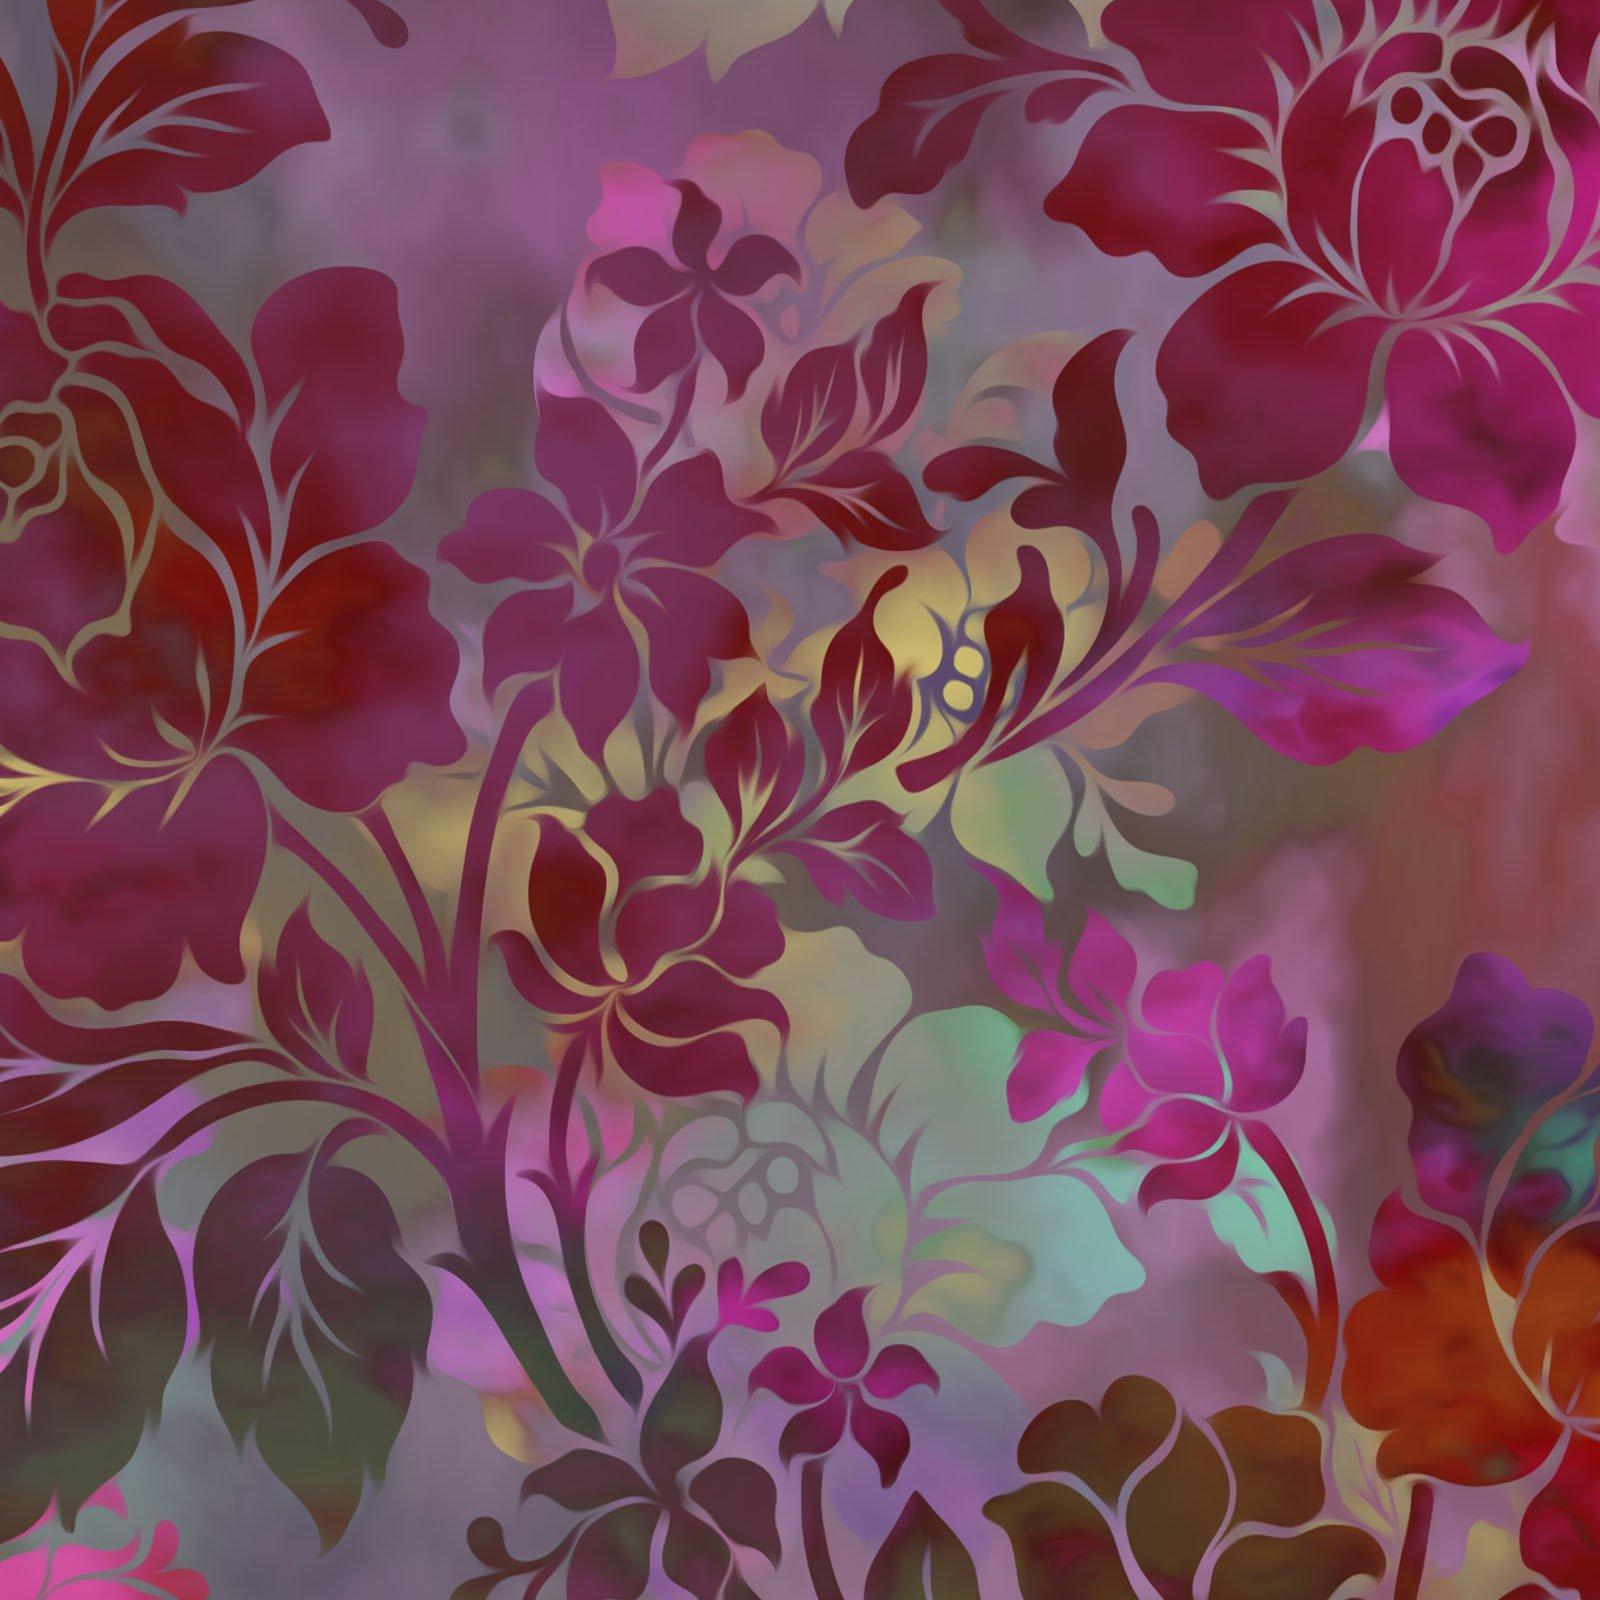 Diaphanous 1ENC-5 Magenta Night Bloom